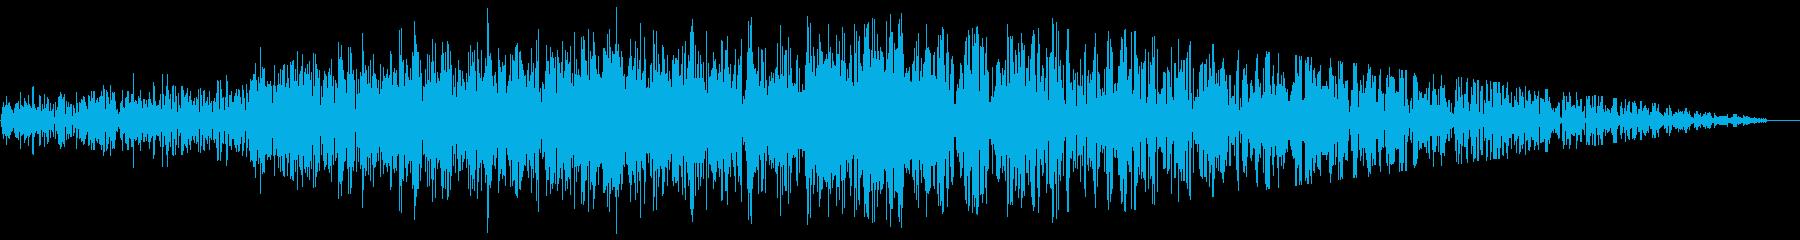 ジェット機通過(2音)の再生済みの波形